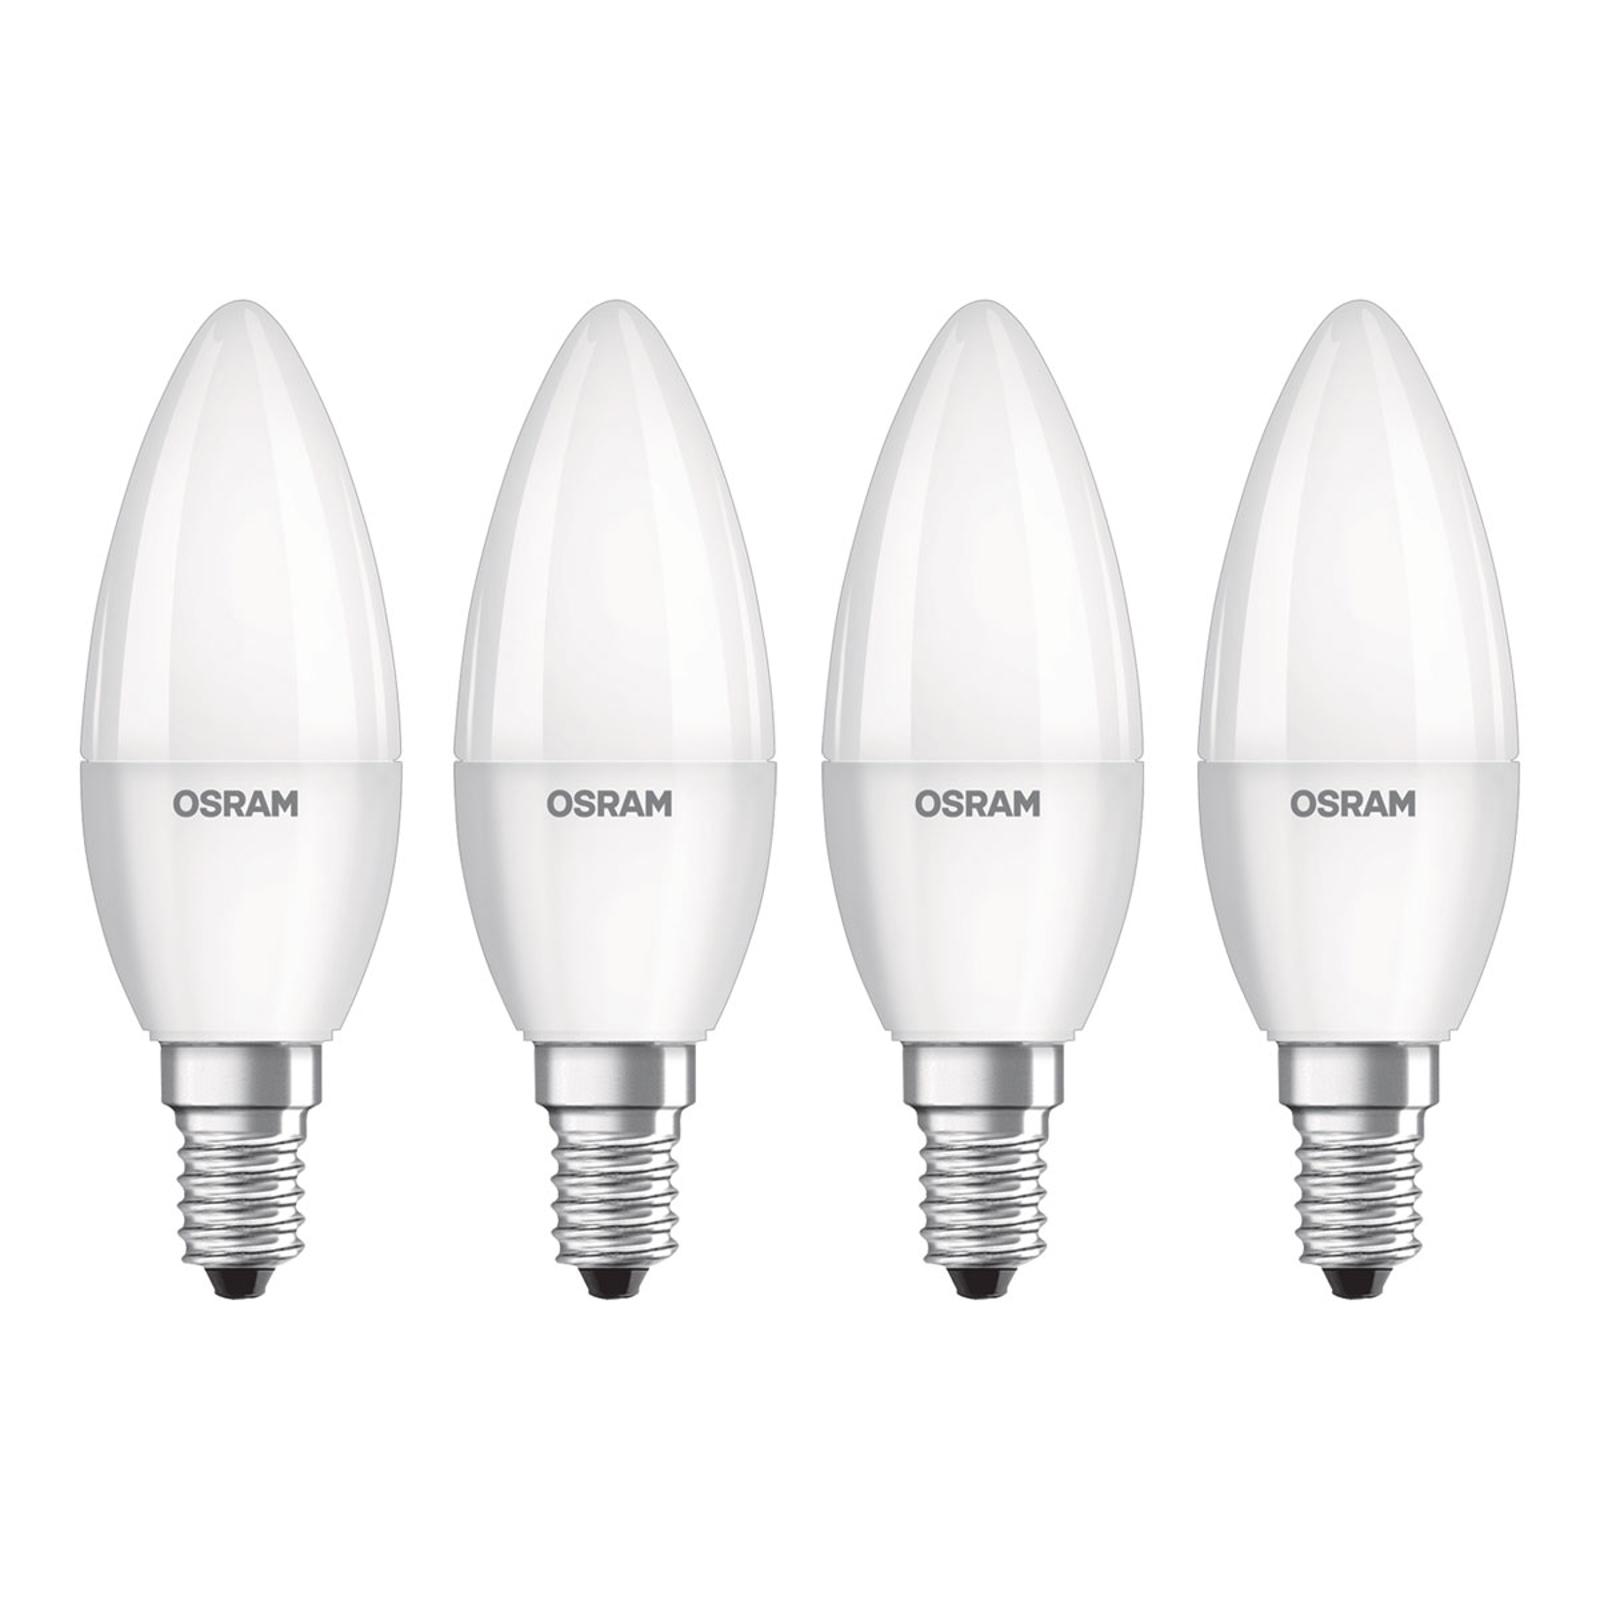 Acquista OSRAM candela LED E14 Base retrò 5,7W 4x